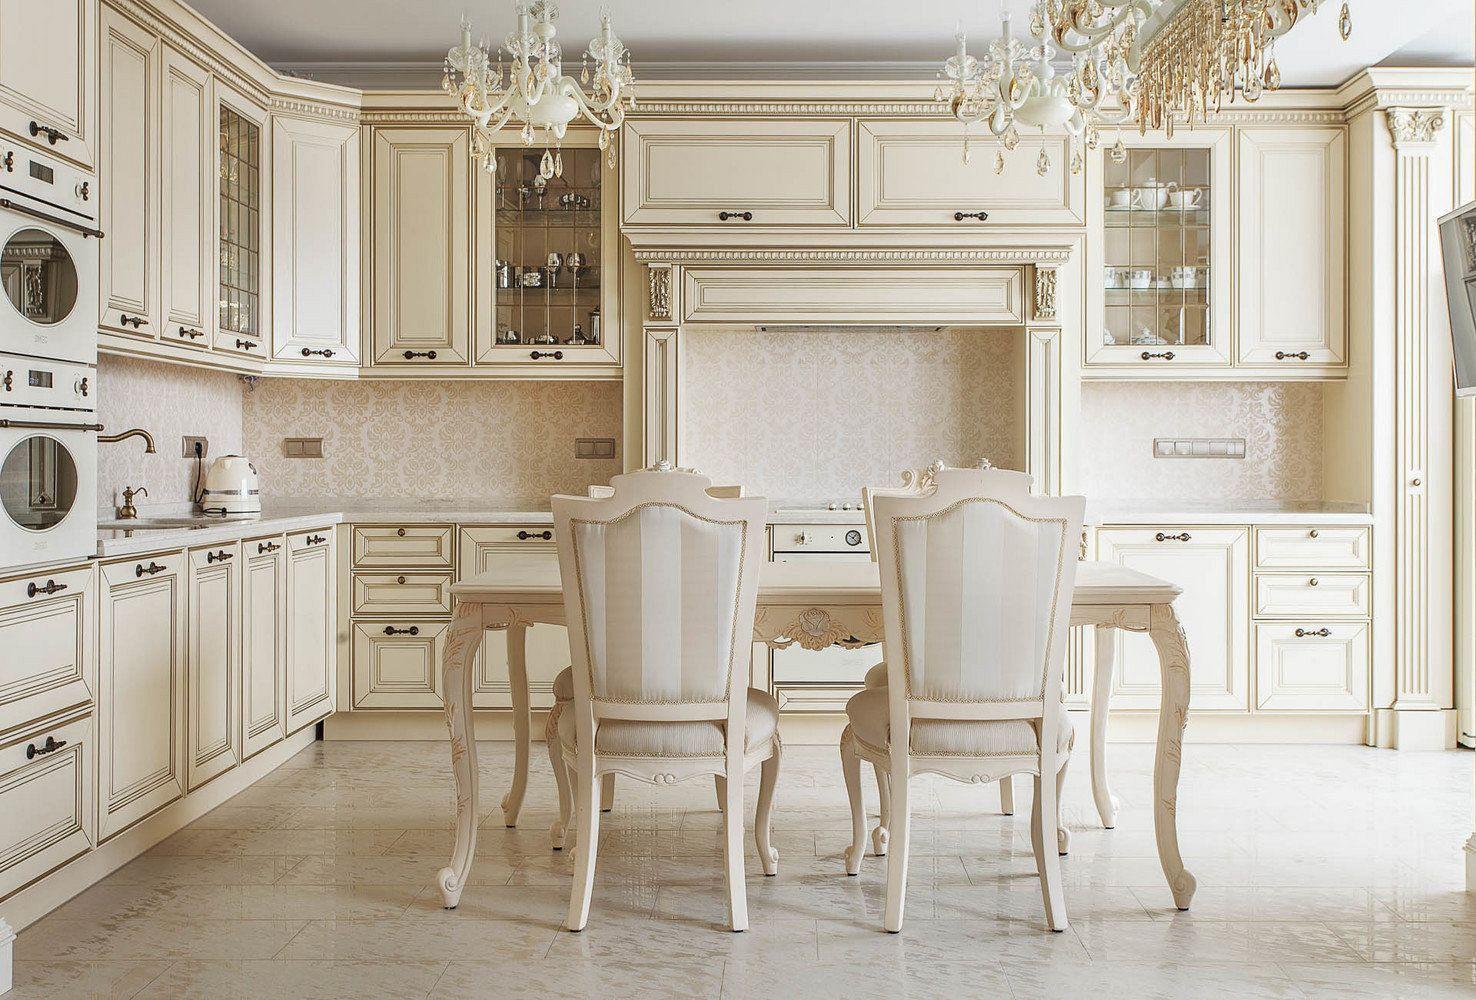 Кухонная мебель классика фото